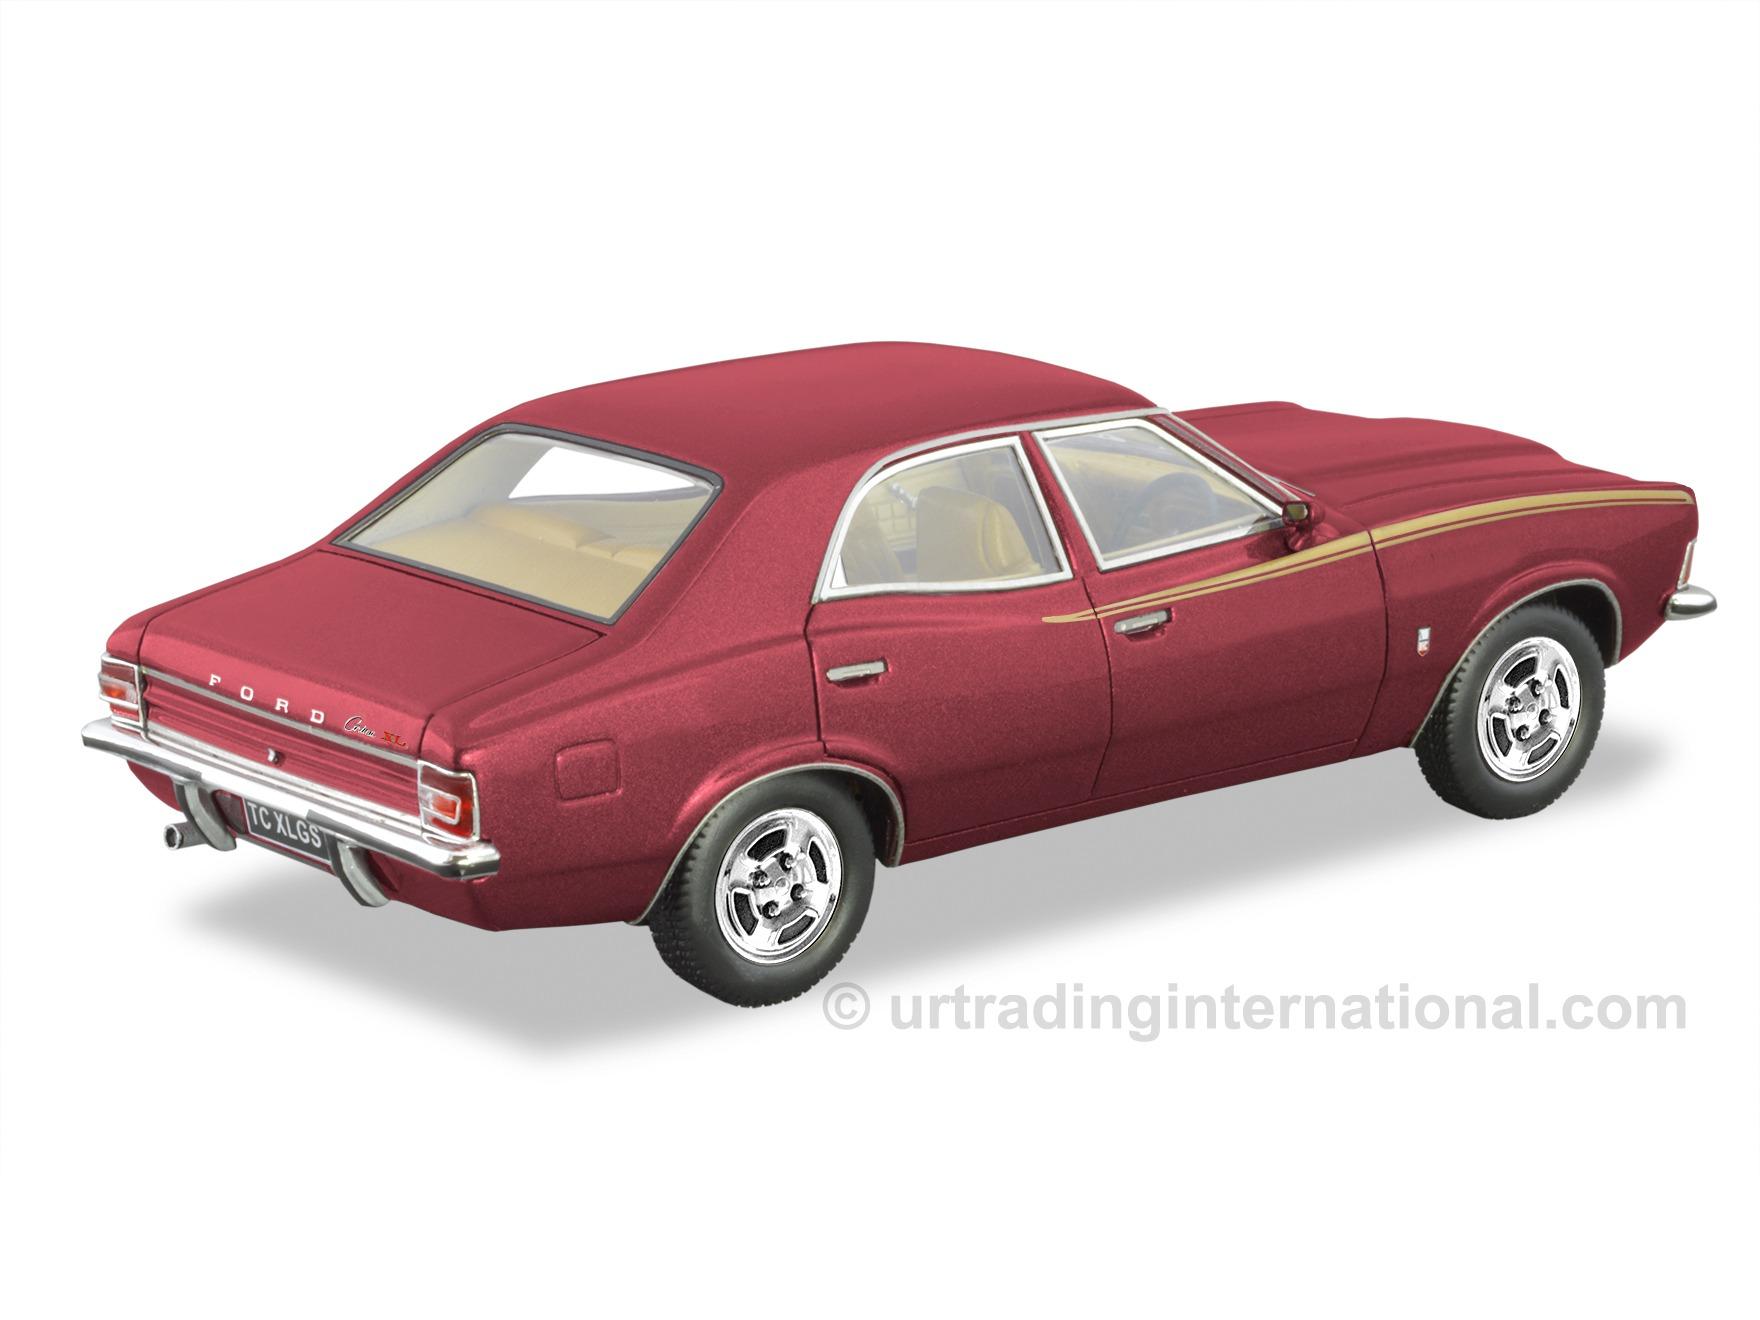 1972 TC Ford Cortina XL Sedan – Bronze Wine Metallic / Gold Stripes